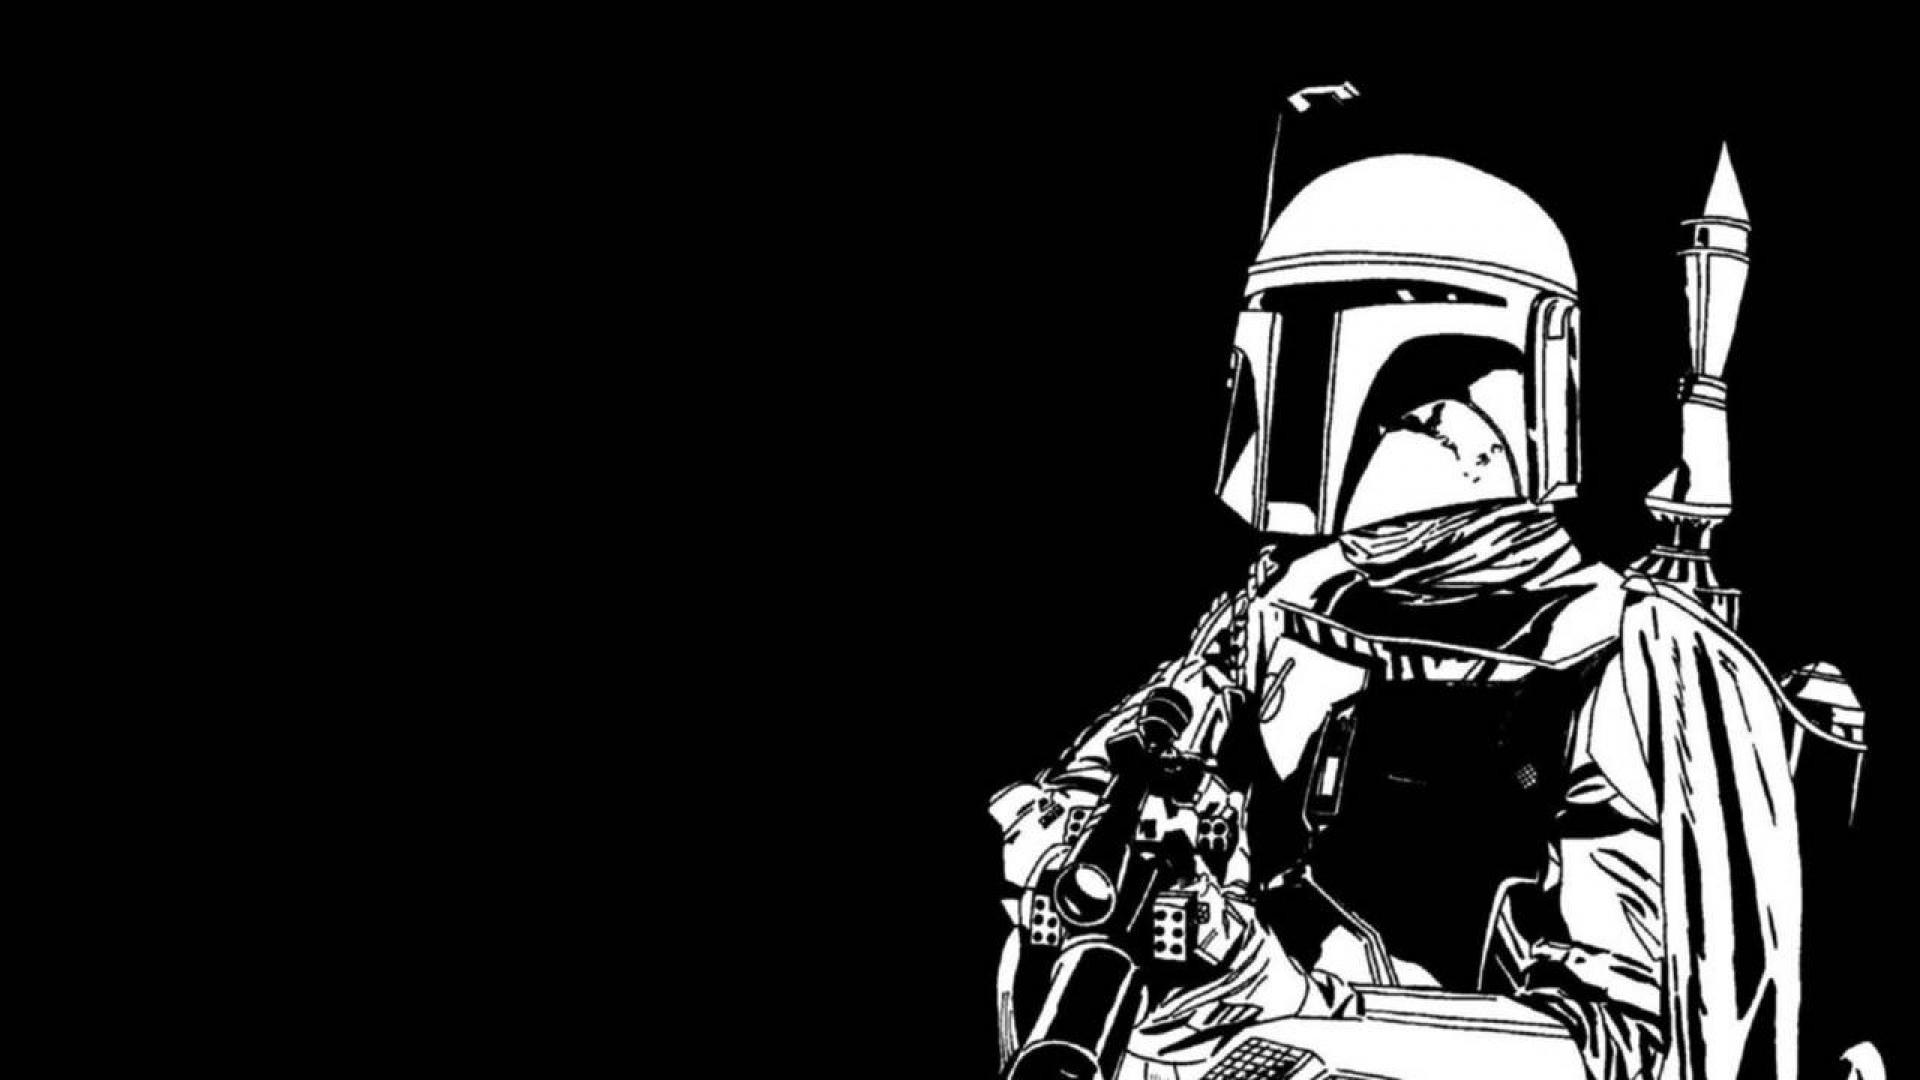 Star wars boba fett wallpaper [3] HQ WALLPAPER – (#20207)